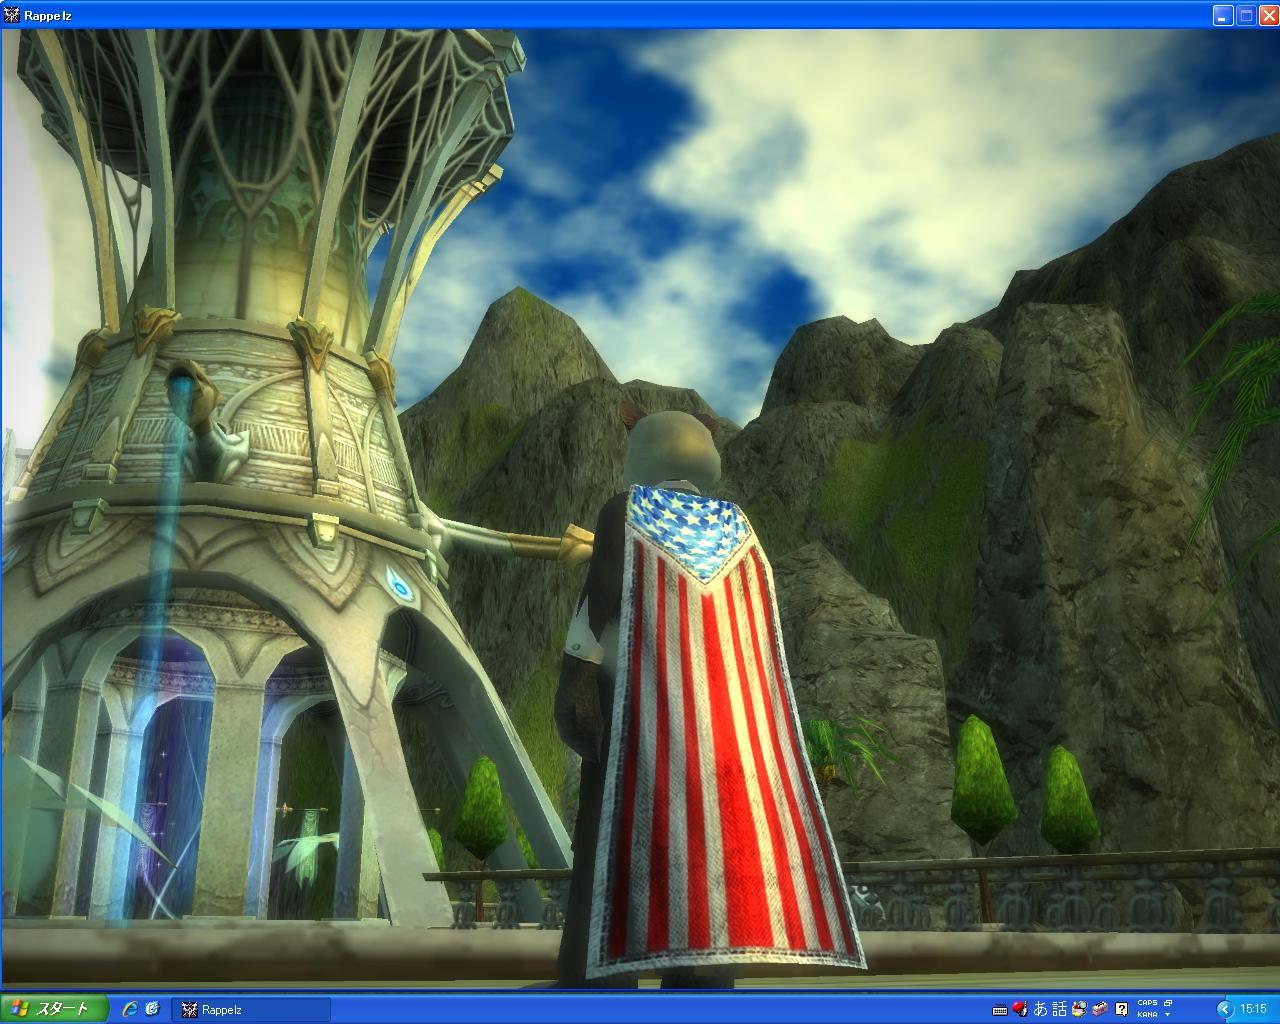 装飾マントGMイベントアイテム「アメリカンフラッグマント」2